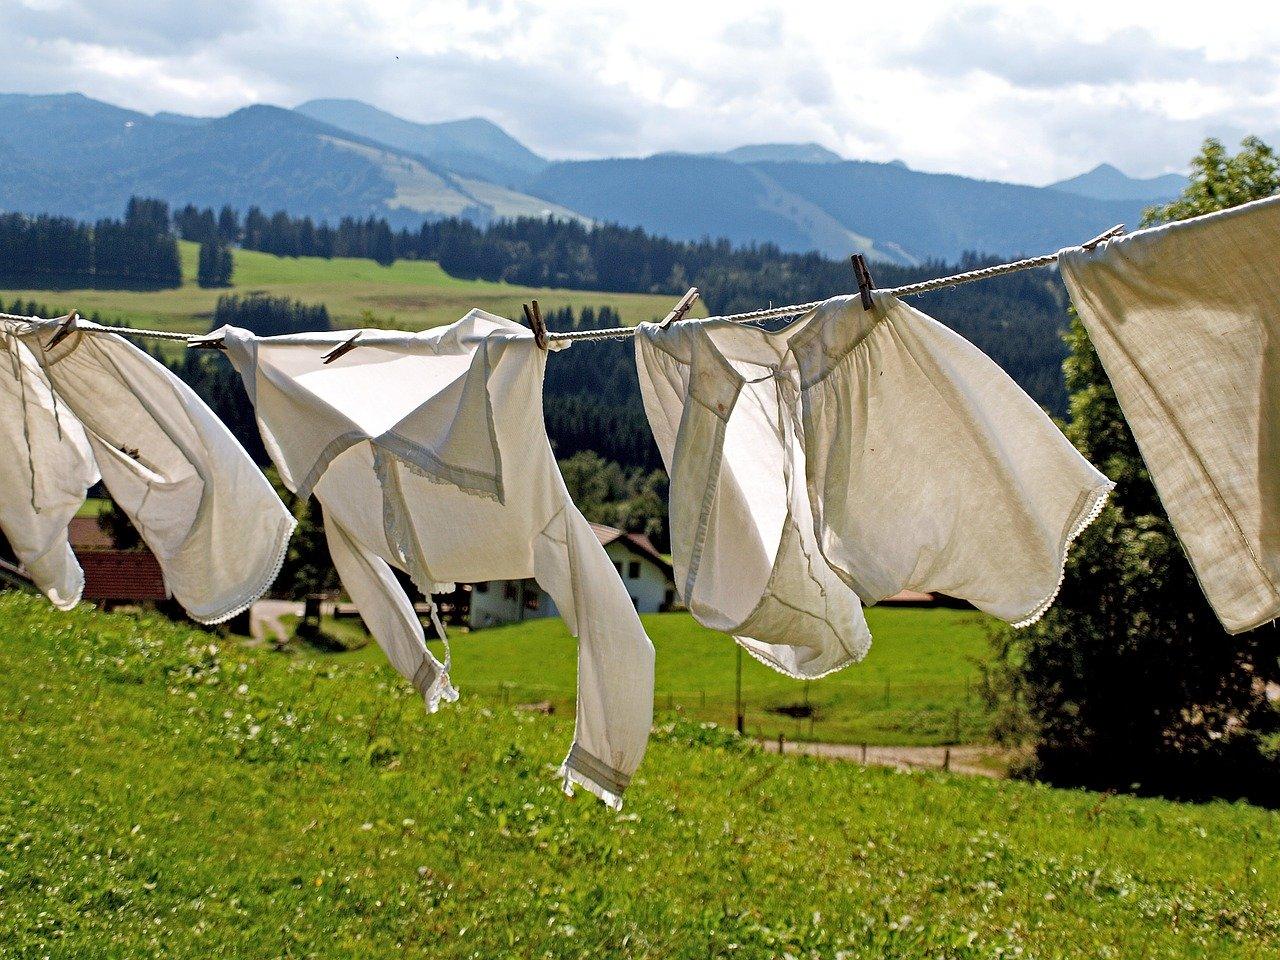 晴天にさらされた洗濯物